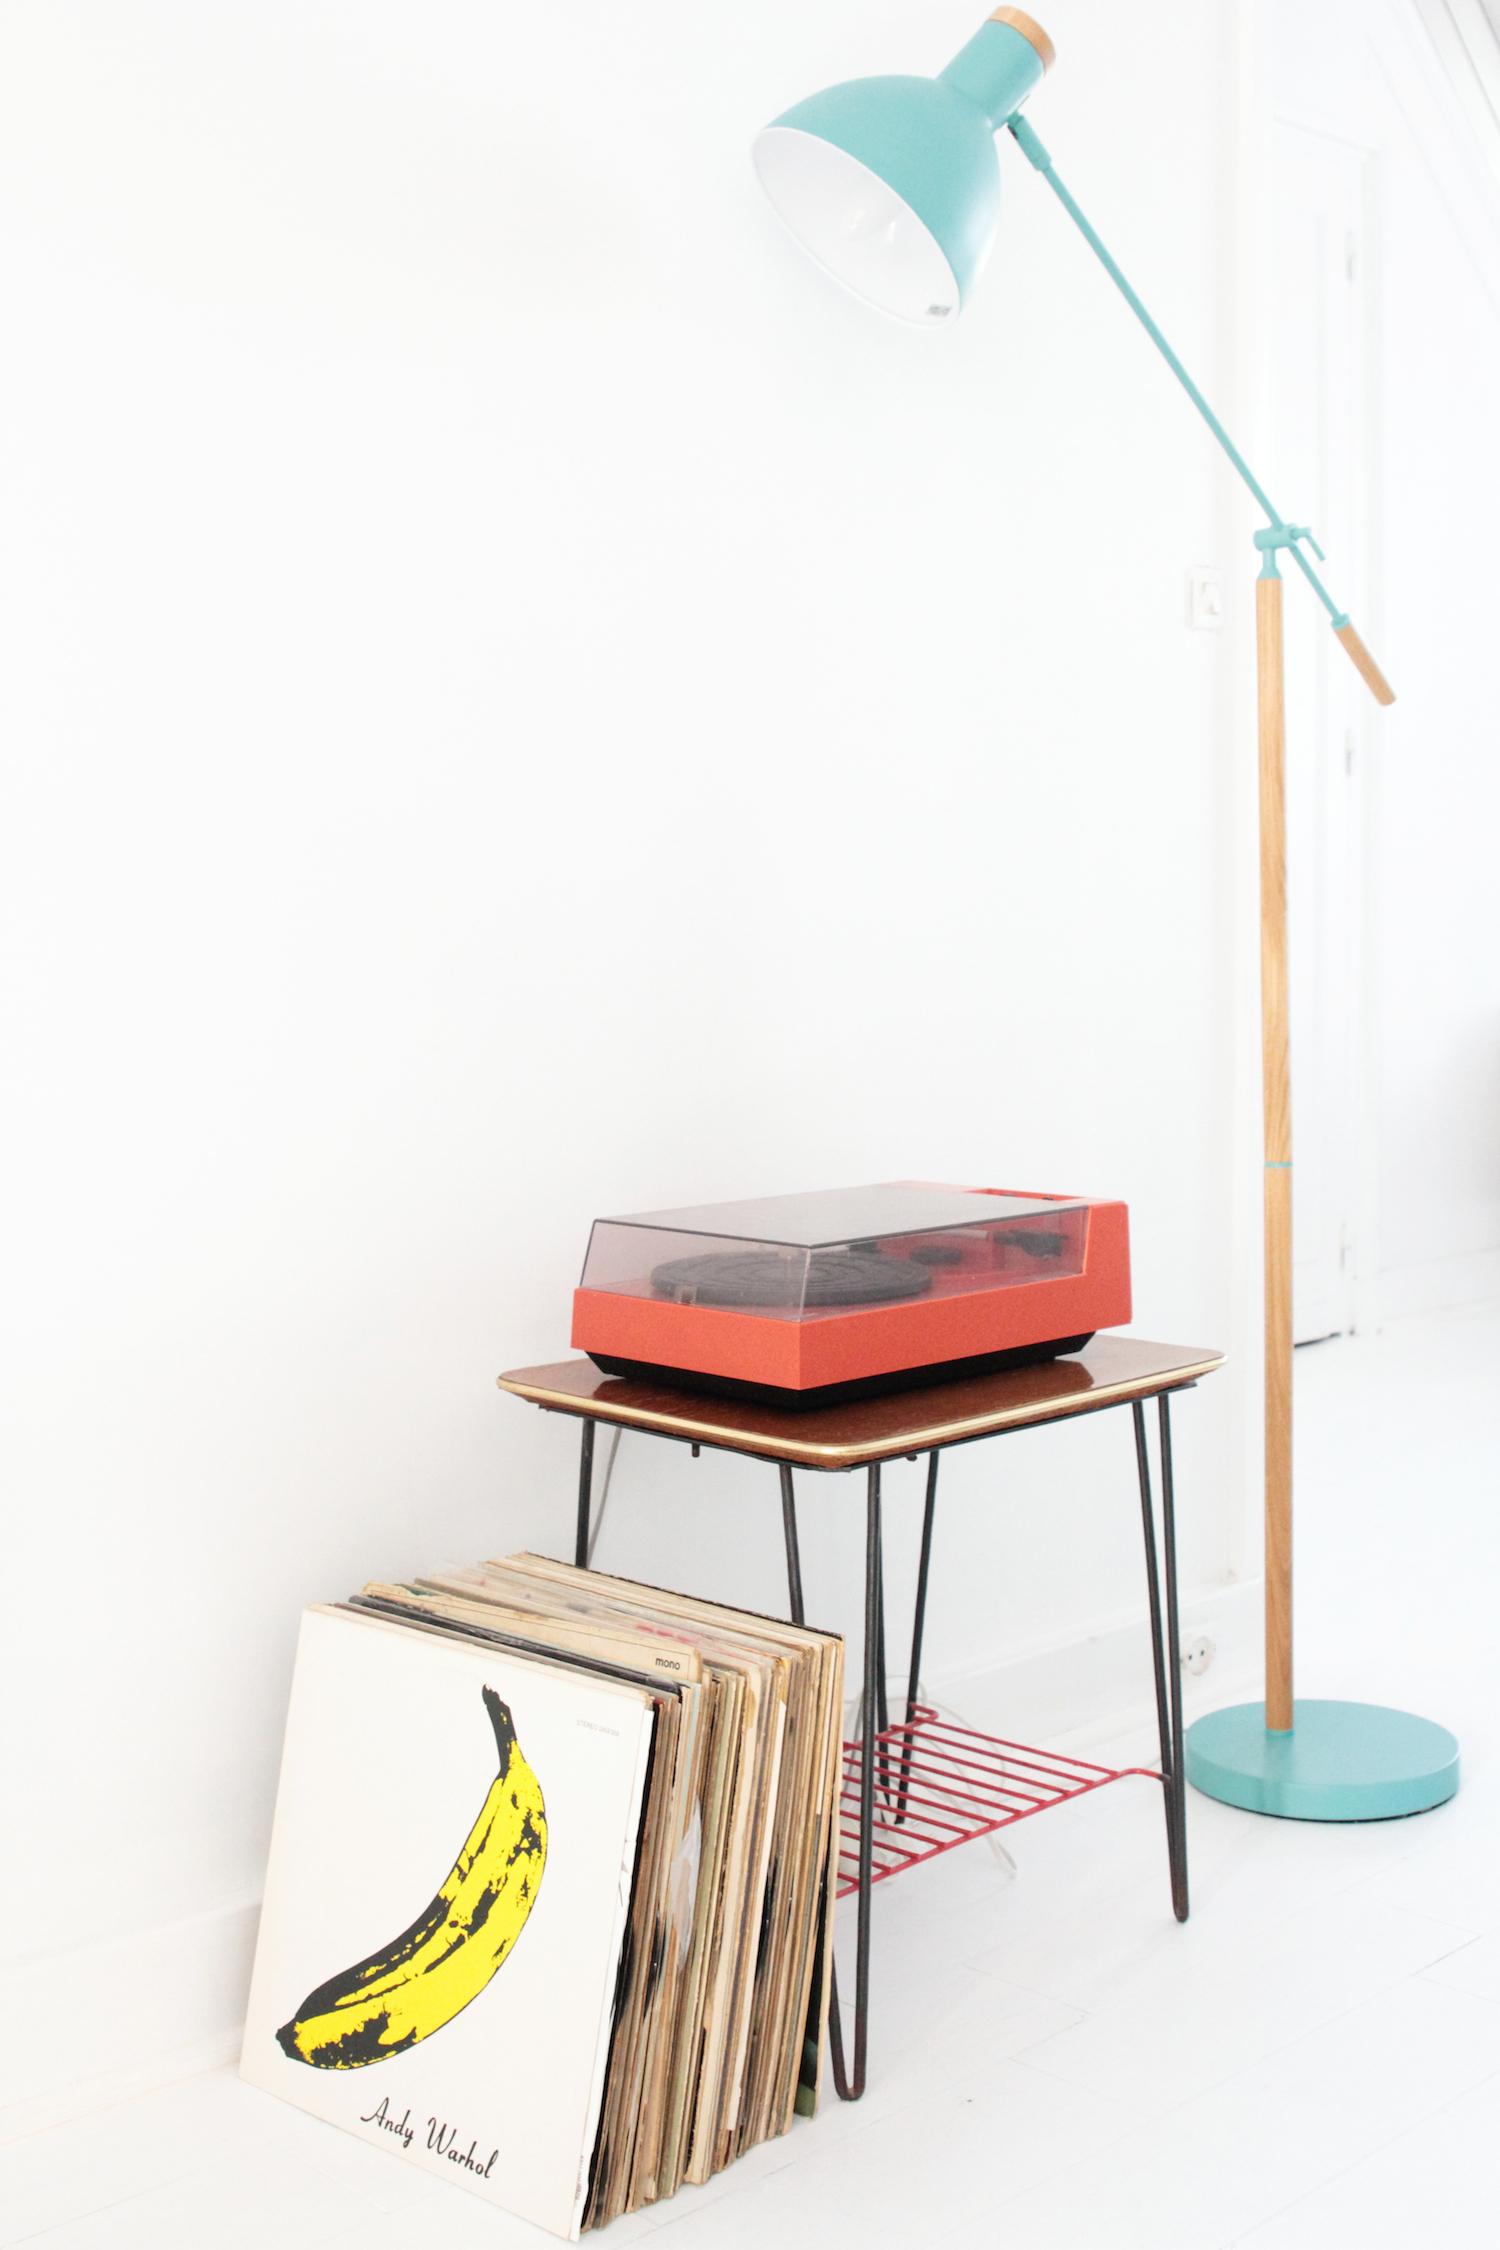 visite privee maison ville scandinave amelie christophe 2562 h ll blogzine. Black Bedroom Furniture Sets. Home Design Ideas